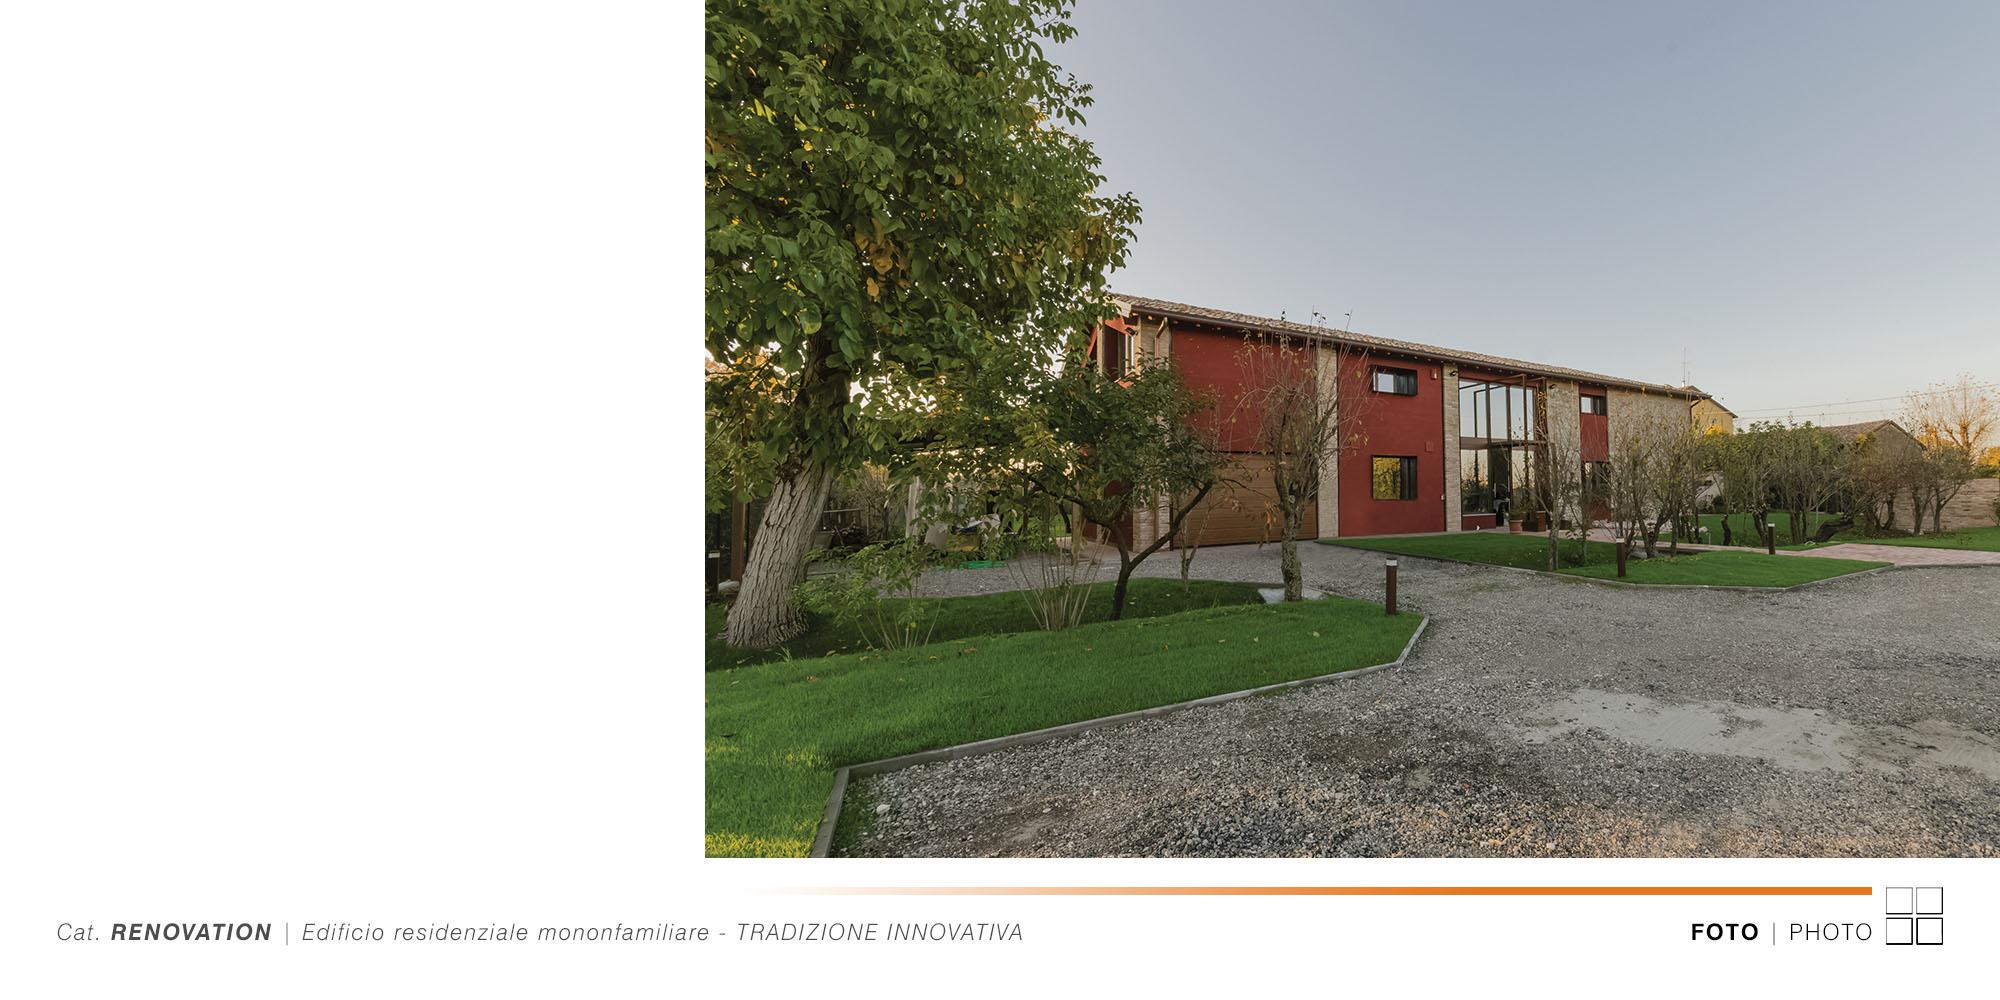 Edificio Residenziale Monofamiliare - TRADIZIONE INNOVATIVA - 001